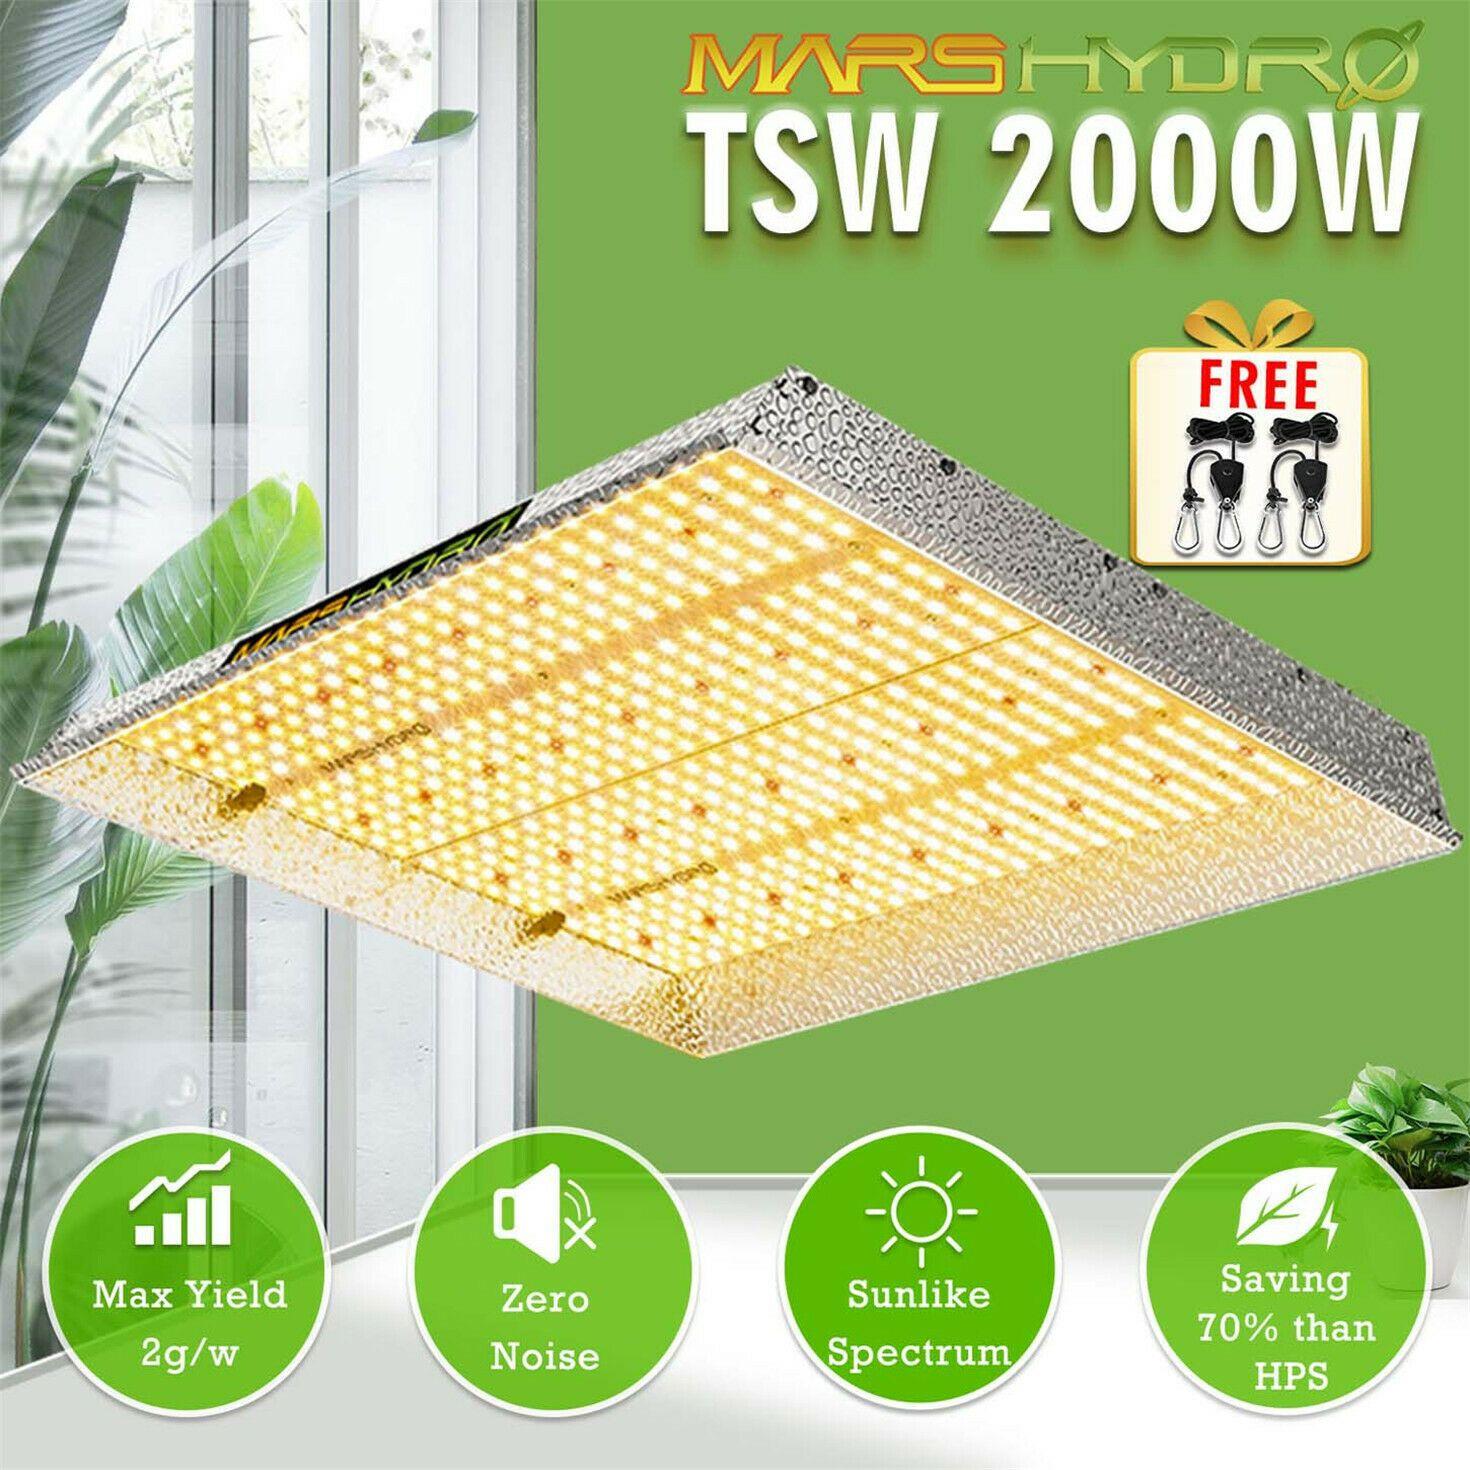 المريخ هيدرو TSW 2000W LED نمو الخفيفة الشبيهة بالشمس لكامل الطيف داخلي الخضار زهرة